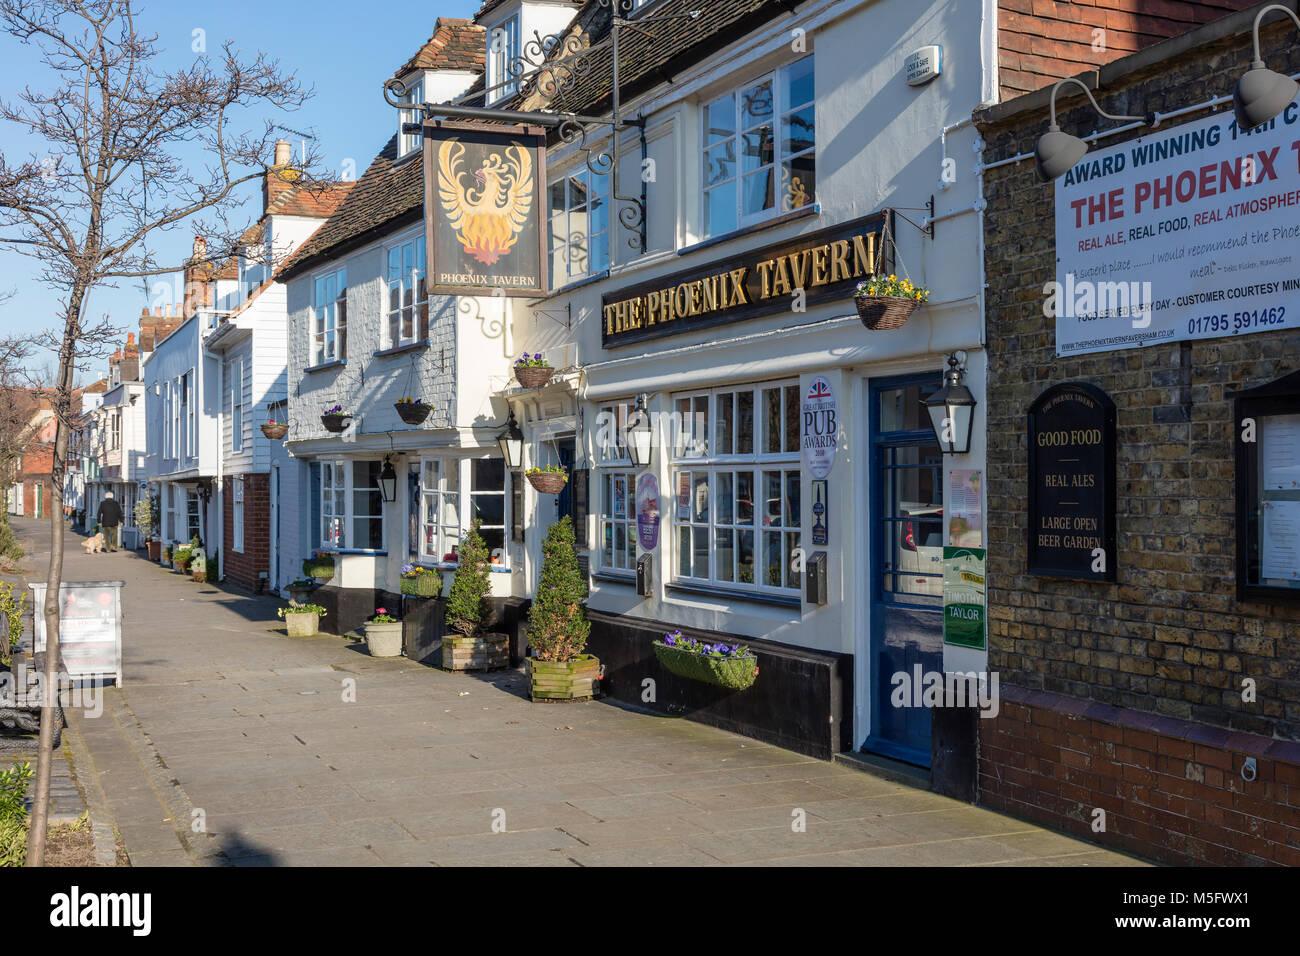 Pub Food Maidstone